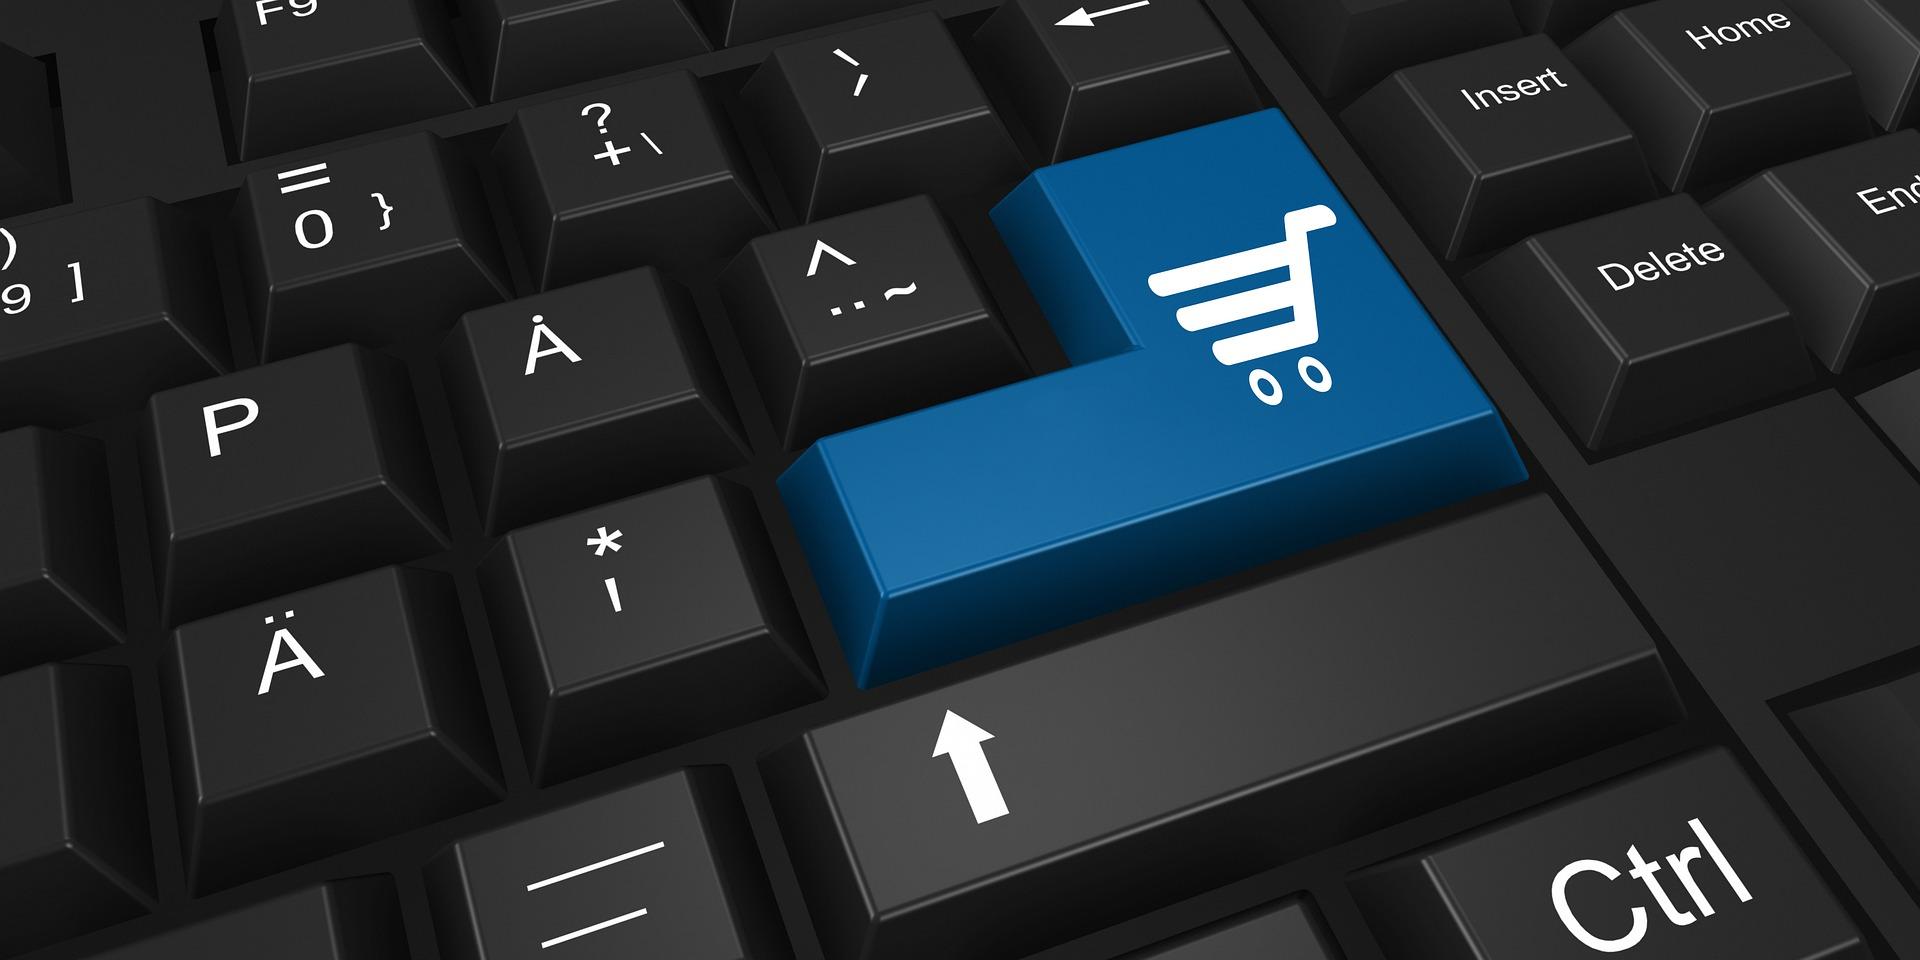 Boutique de sport e-commerce - de 0 à 30k en 60 jours est-ce vraiment possible